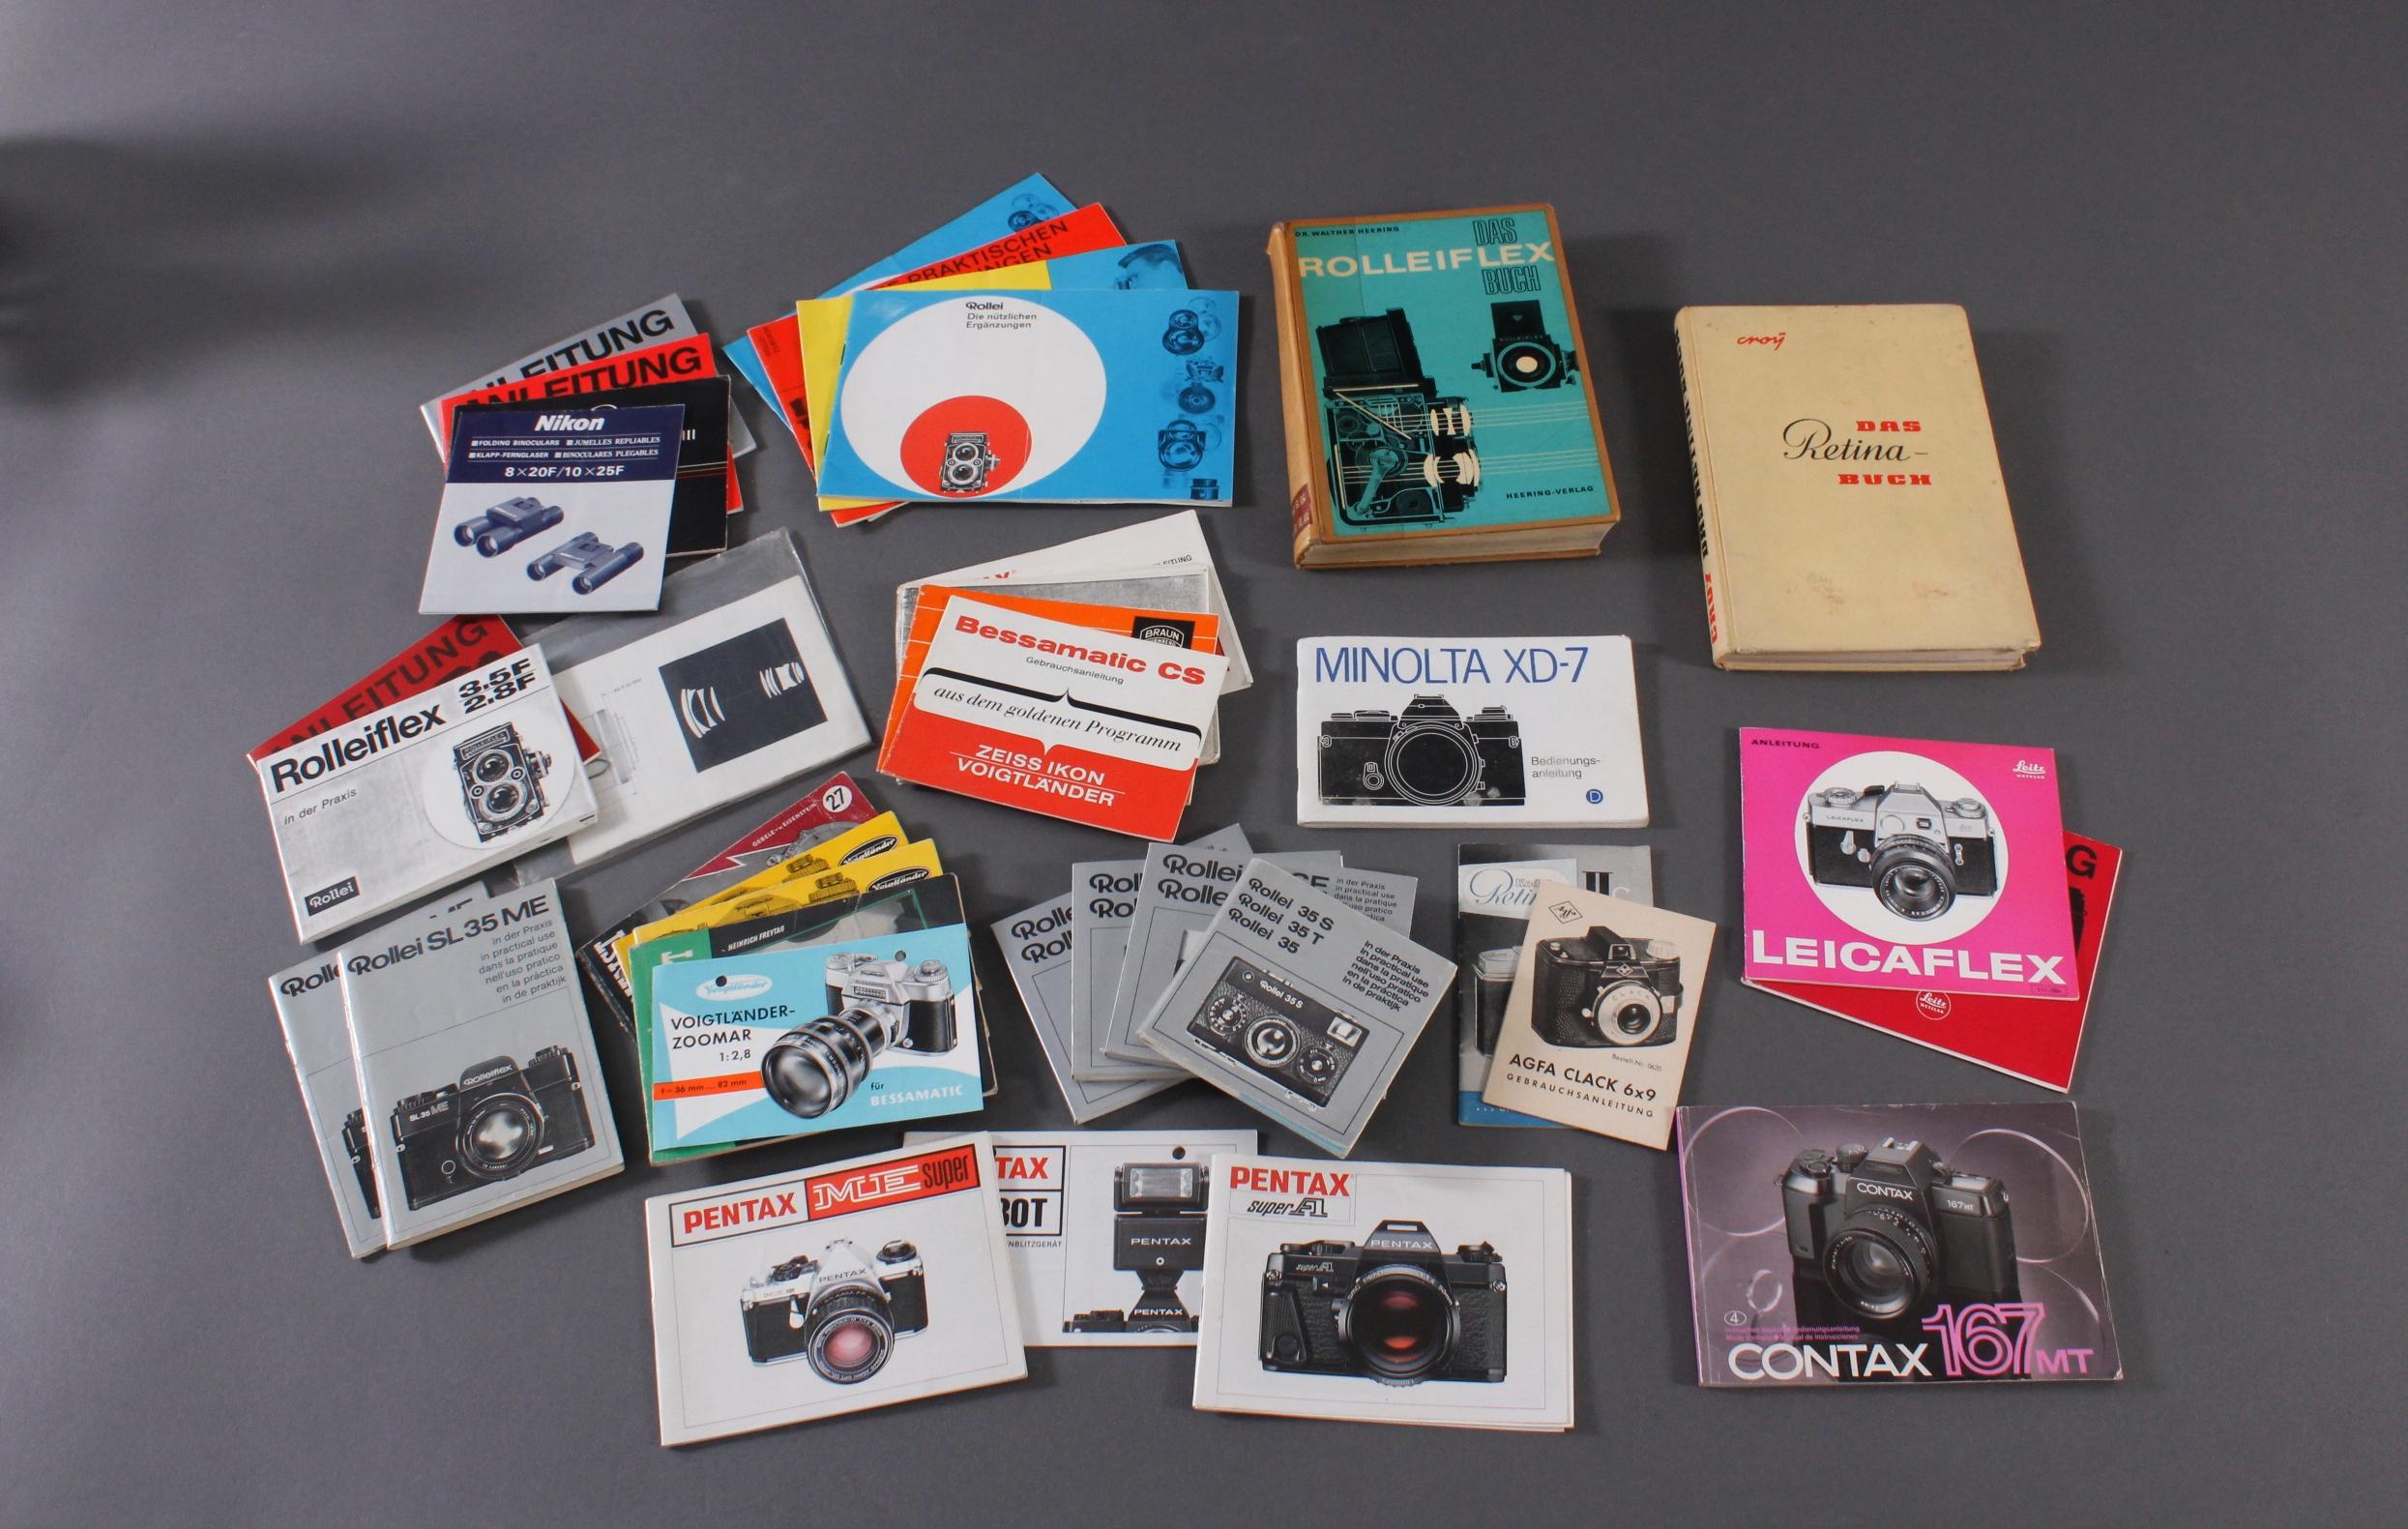 Konvolut Bedienungsanleitungen und Literatur für Fotoapparate